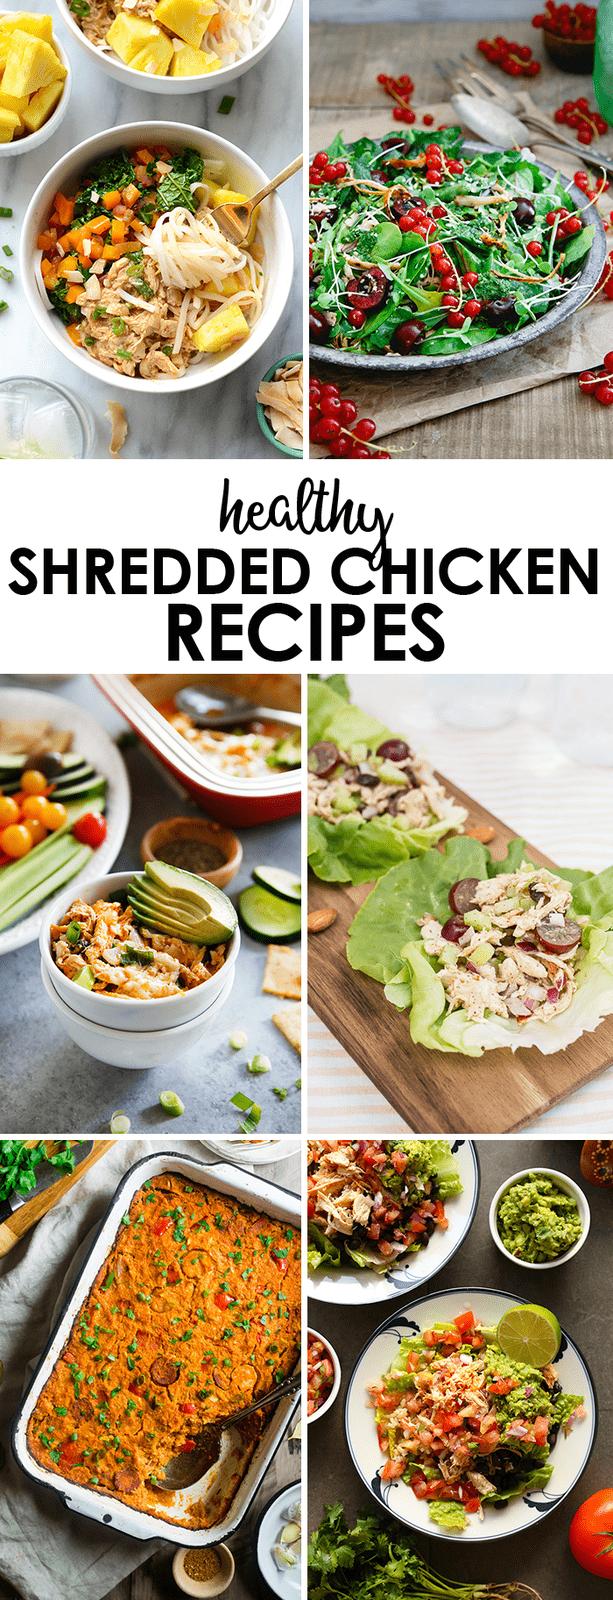 HEALTHLY Shredded Chicken Recipes